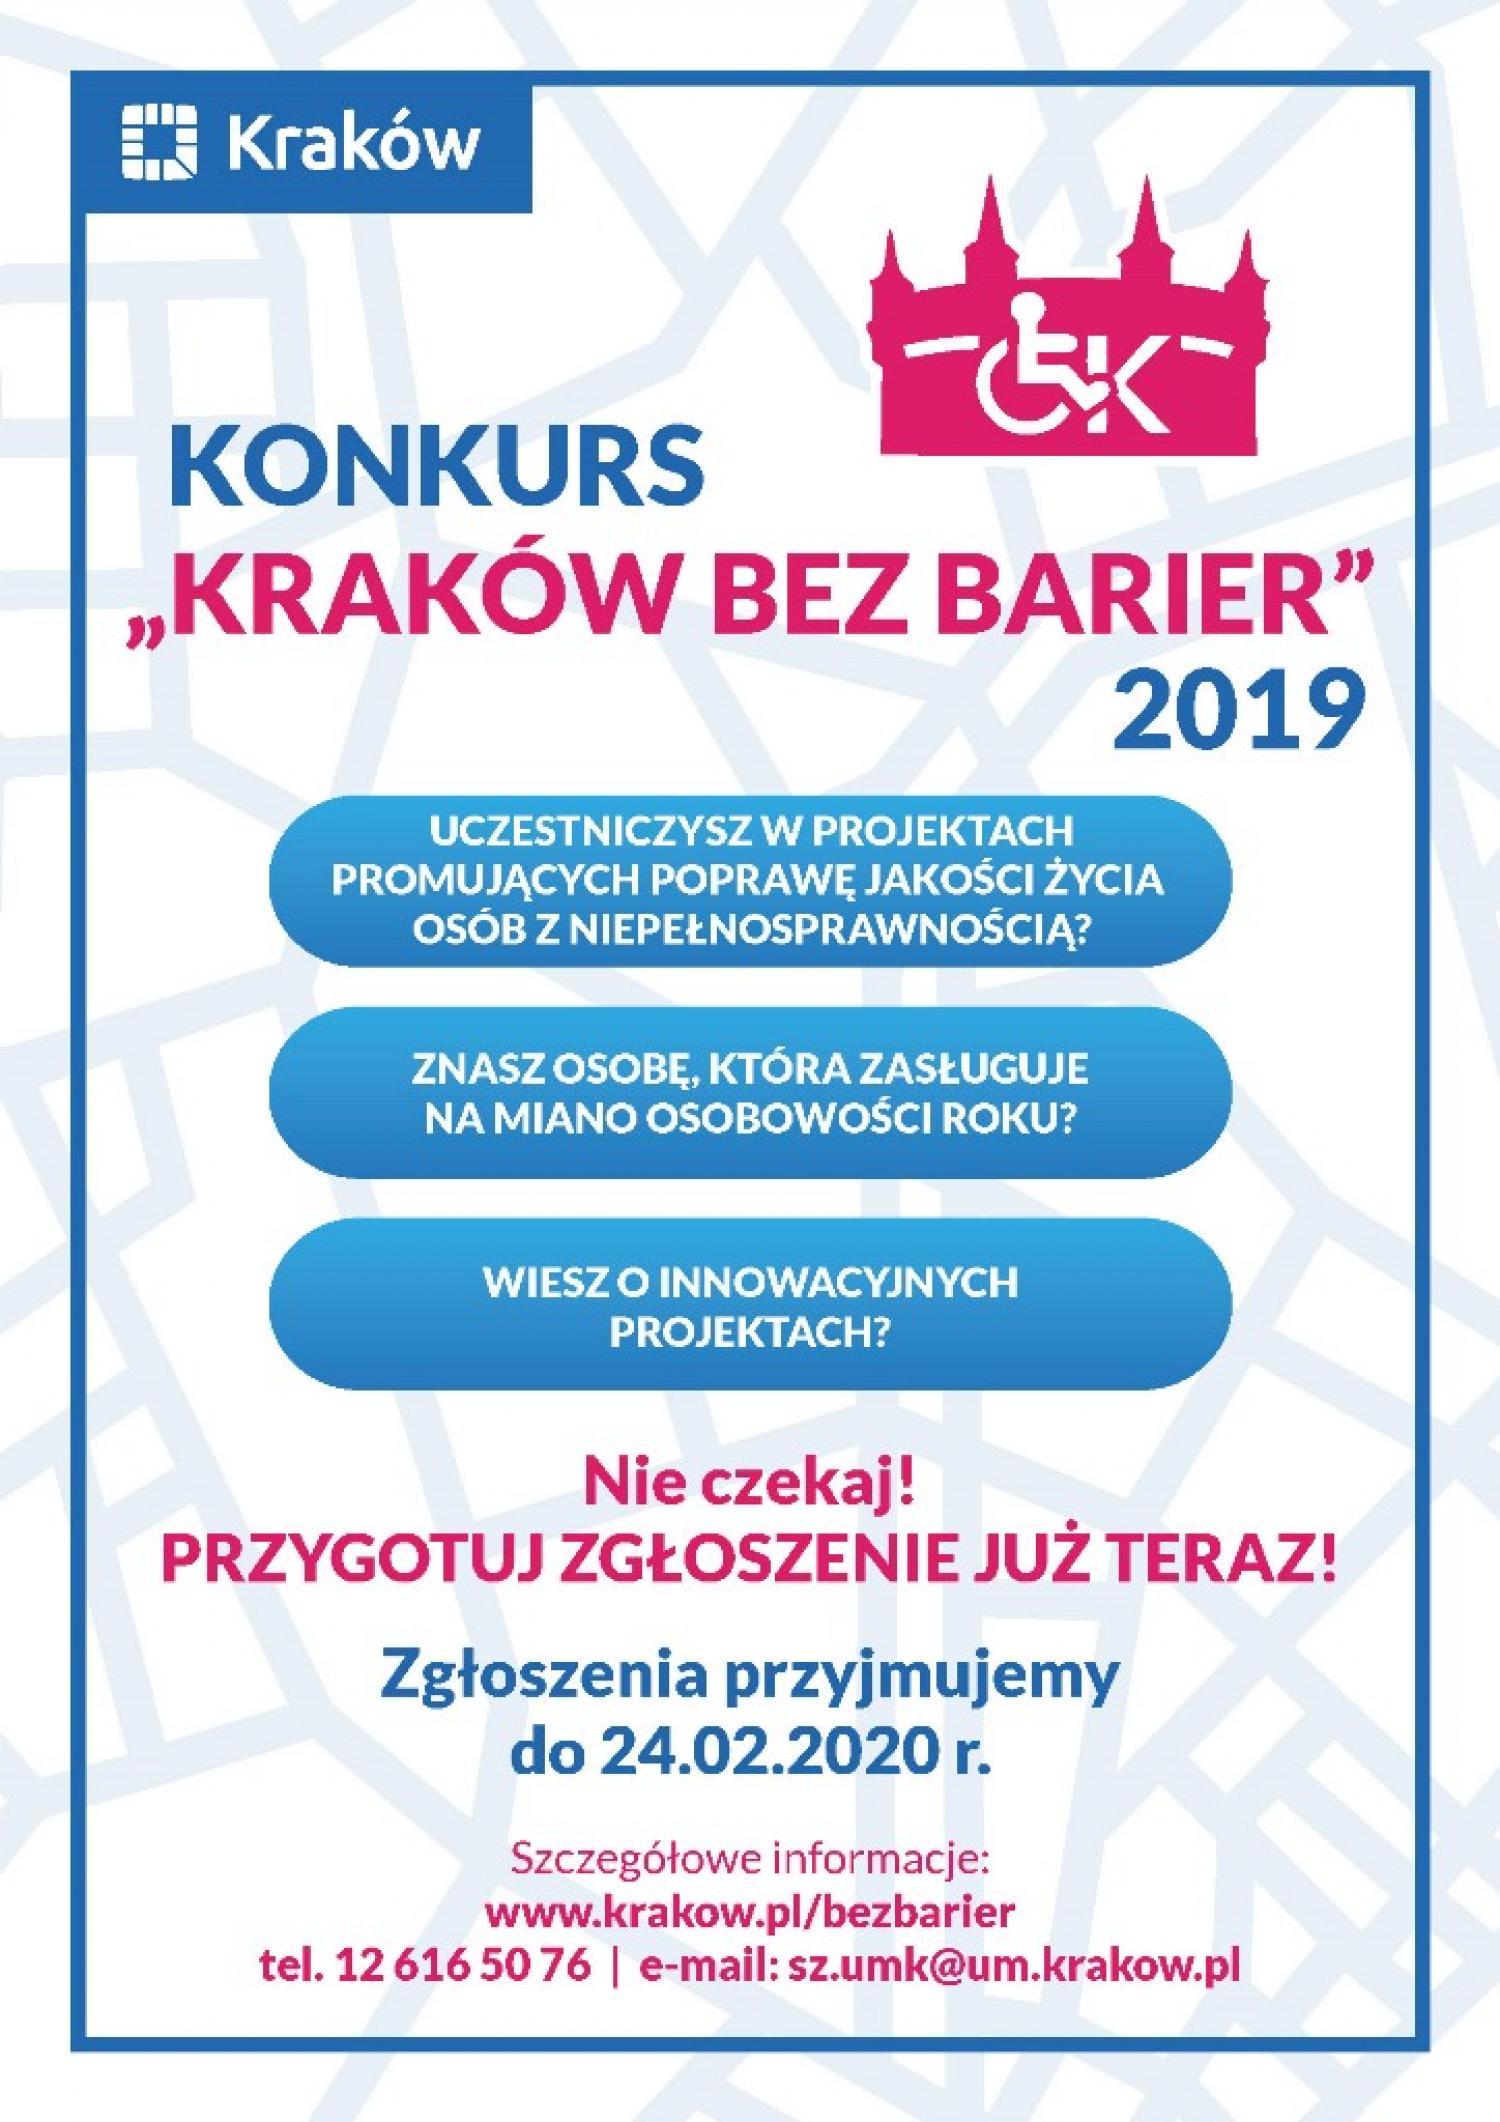 Konkurs Kraków bez barier 2019 OGŁOSZONY